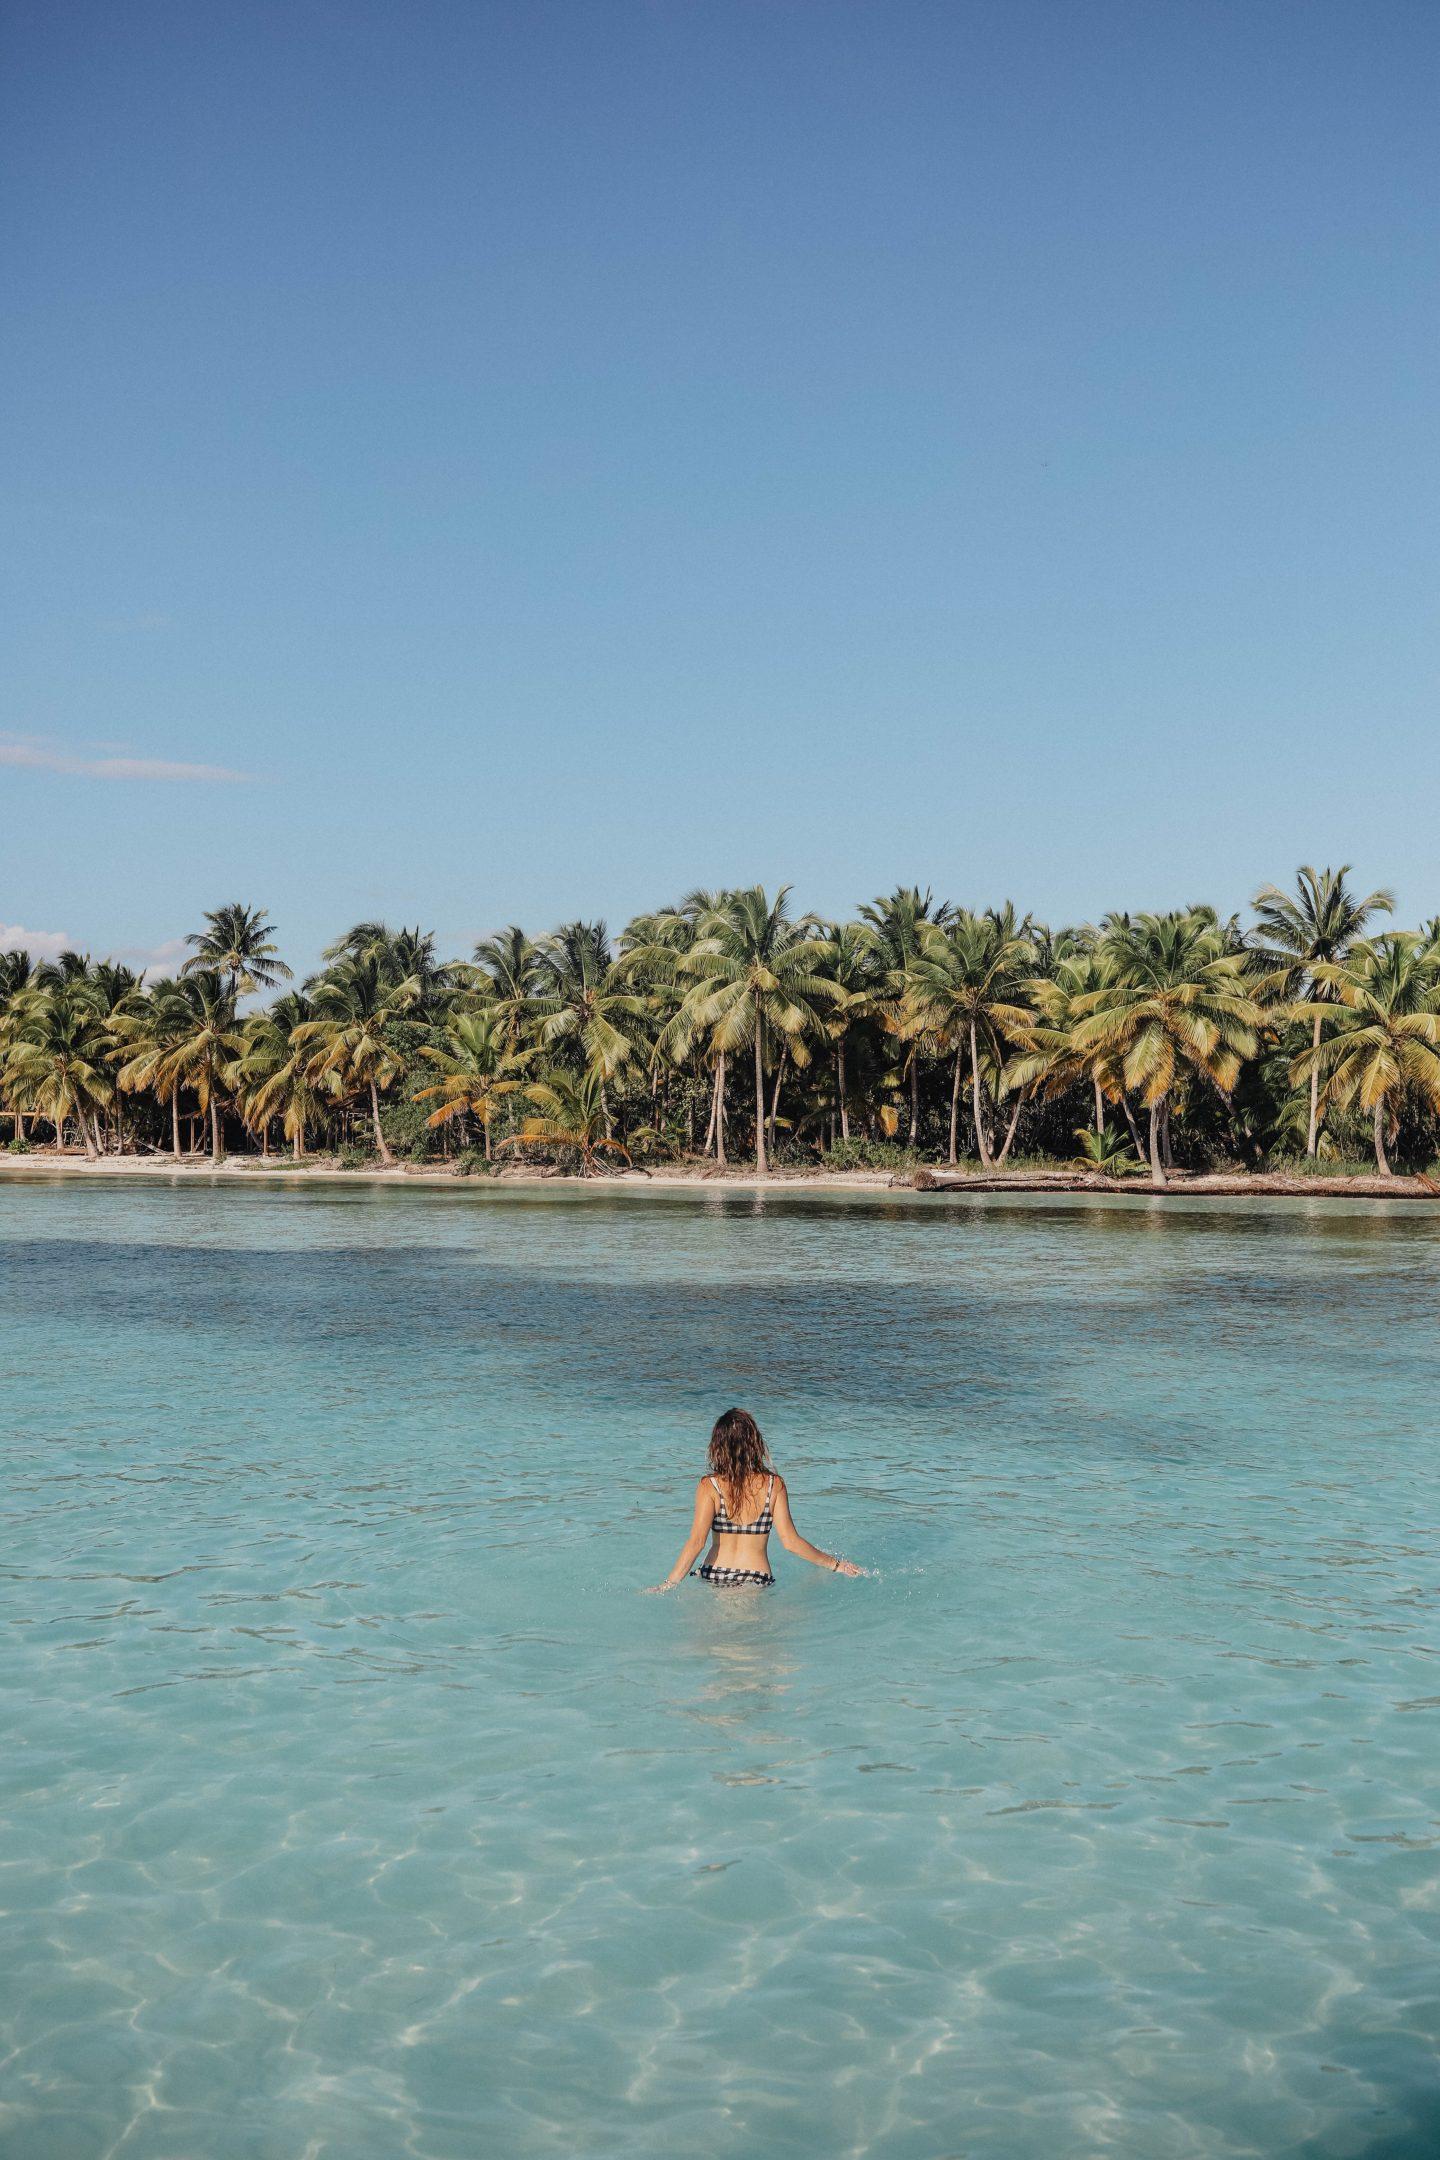 Piscine naturelle Île de Saona voyage en république dominicaine